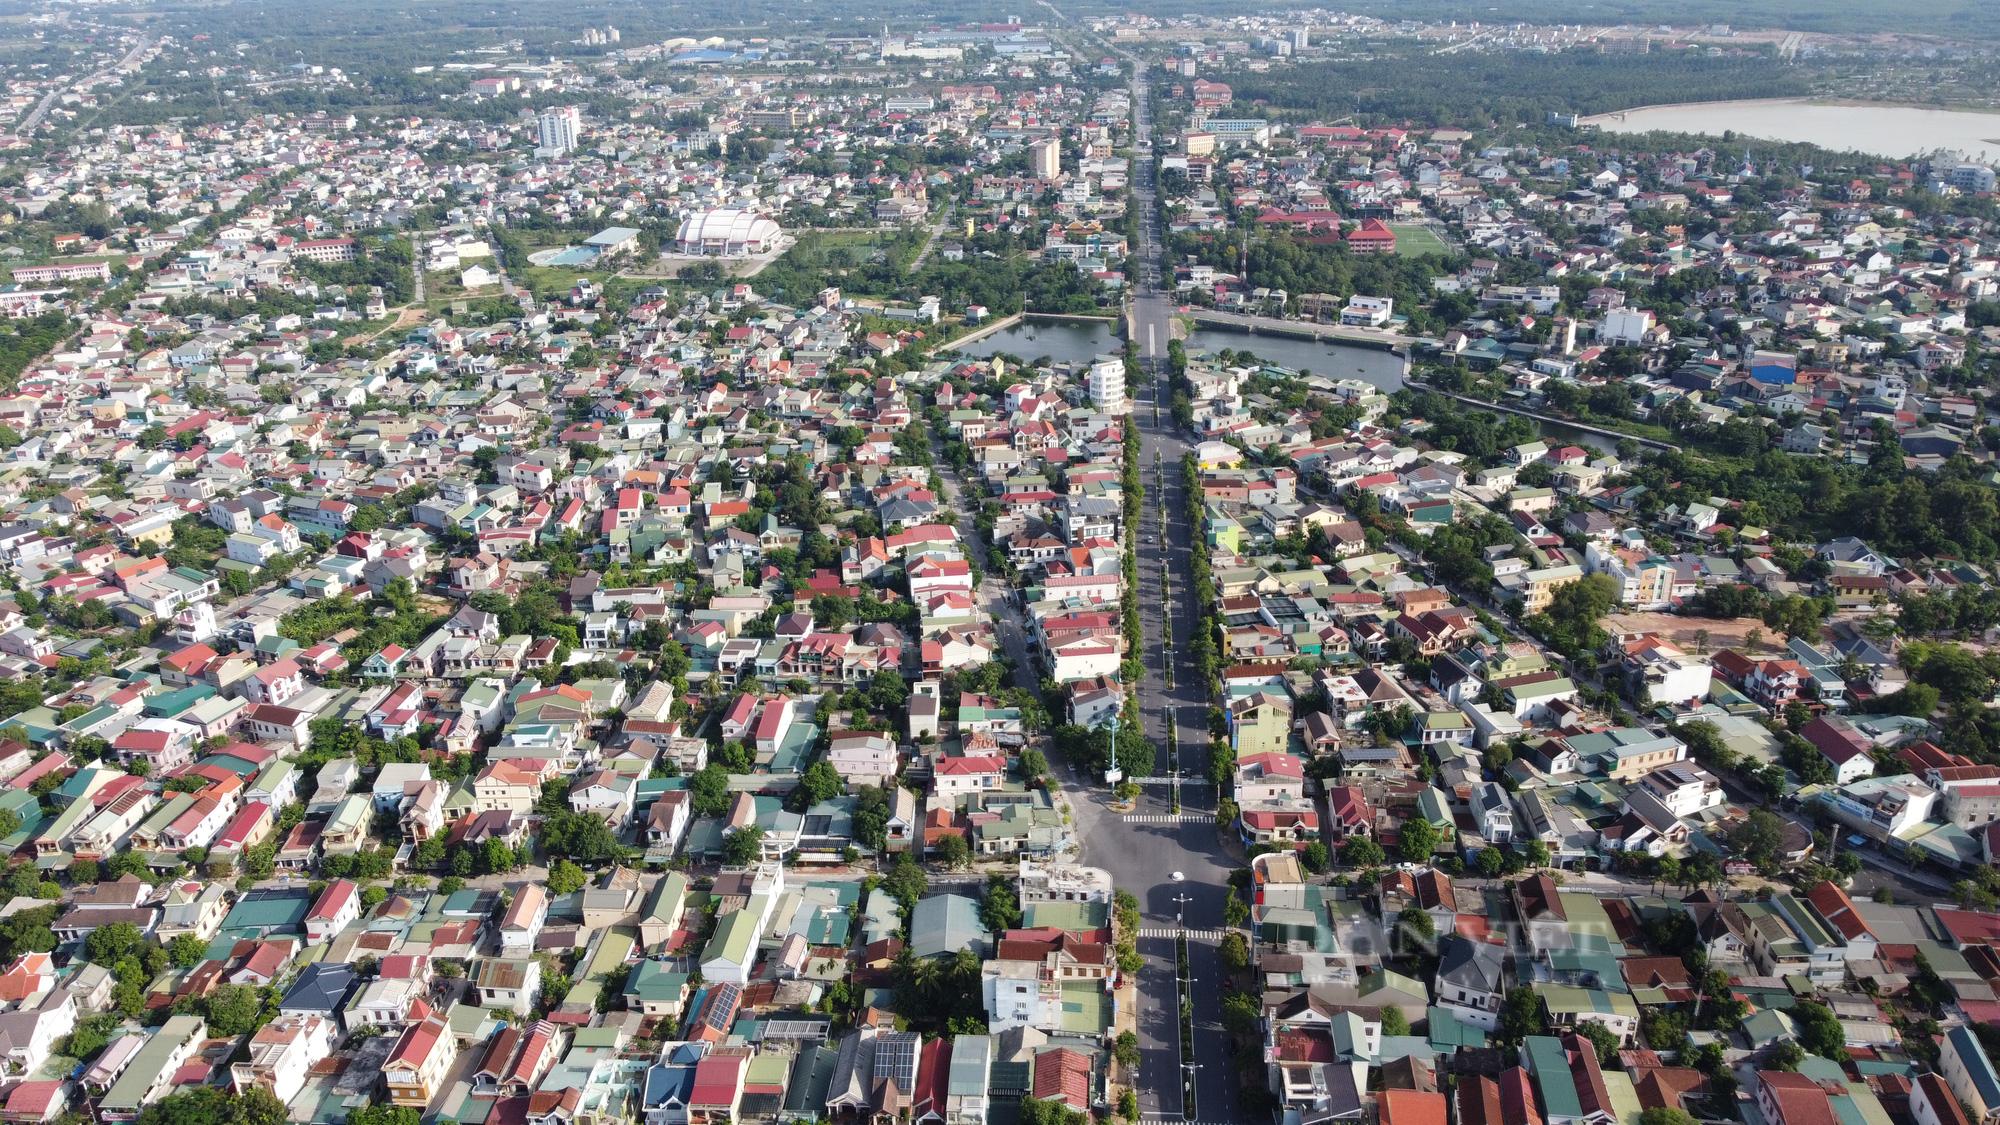 TP Đông Hà là nơi có gần 100.000 dân sinh sống. Ảnh: N.V